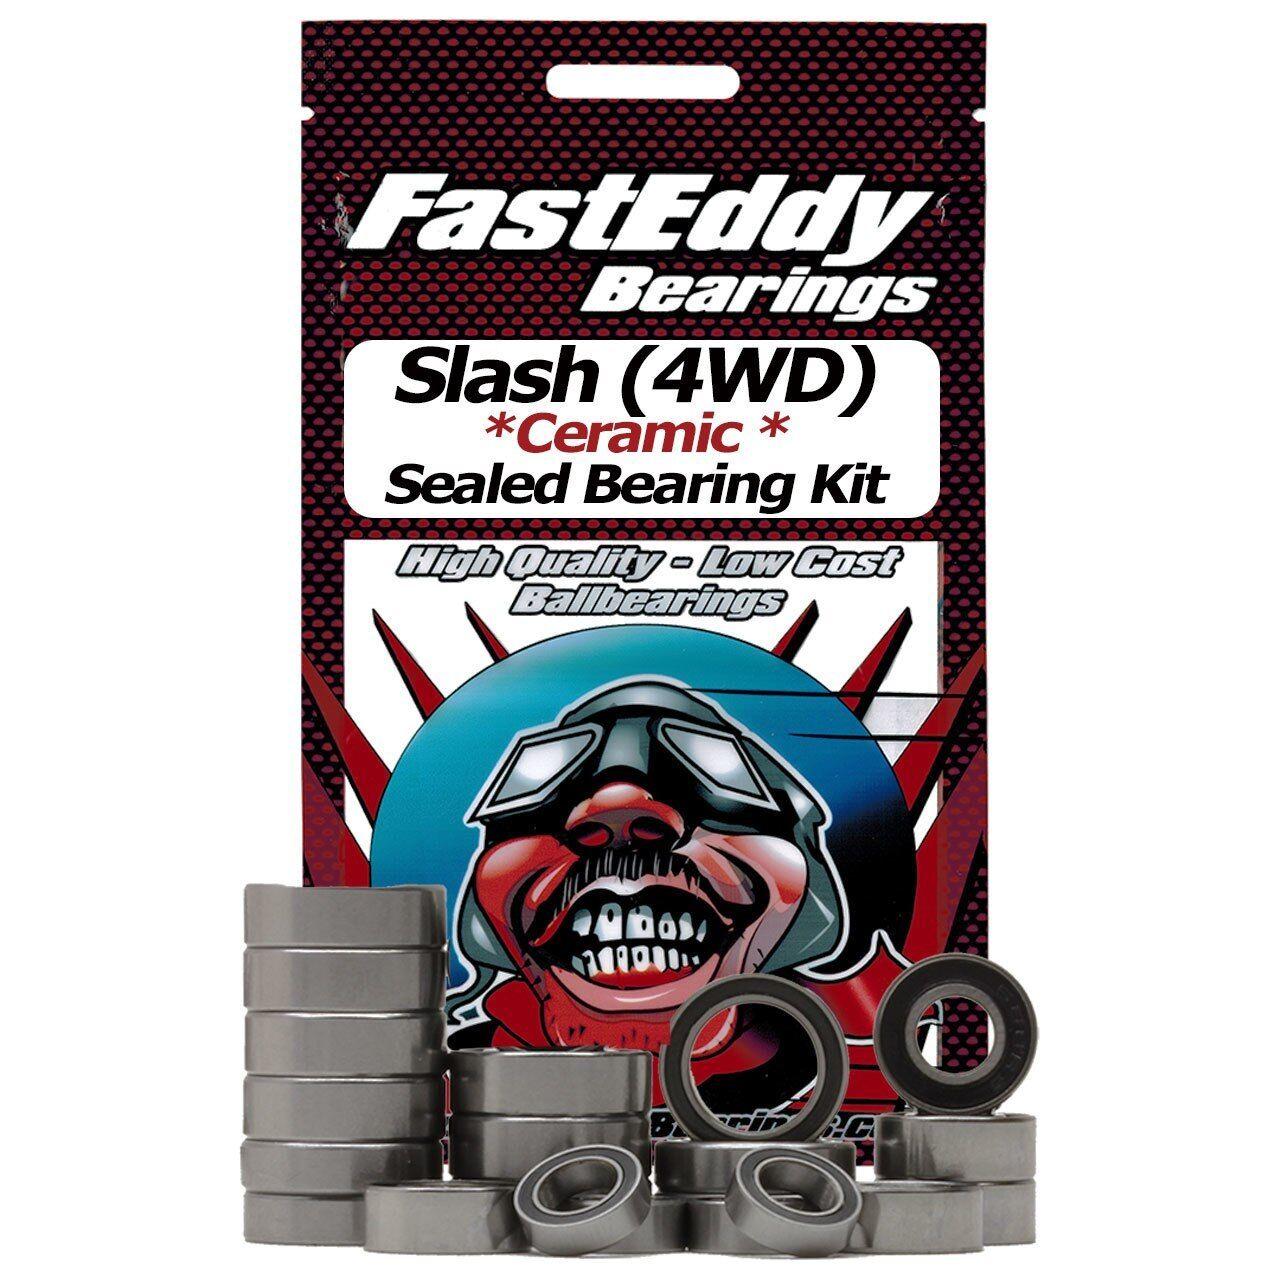 Squadra FastEddy  Fast Eddy Traxxas Slash (4WD) Ceramic Sealed orsoing Kit  consegna e reso gratuiti